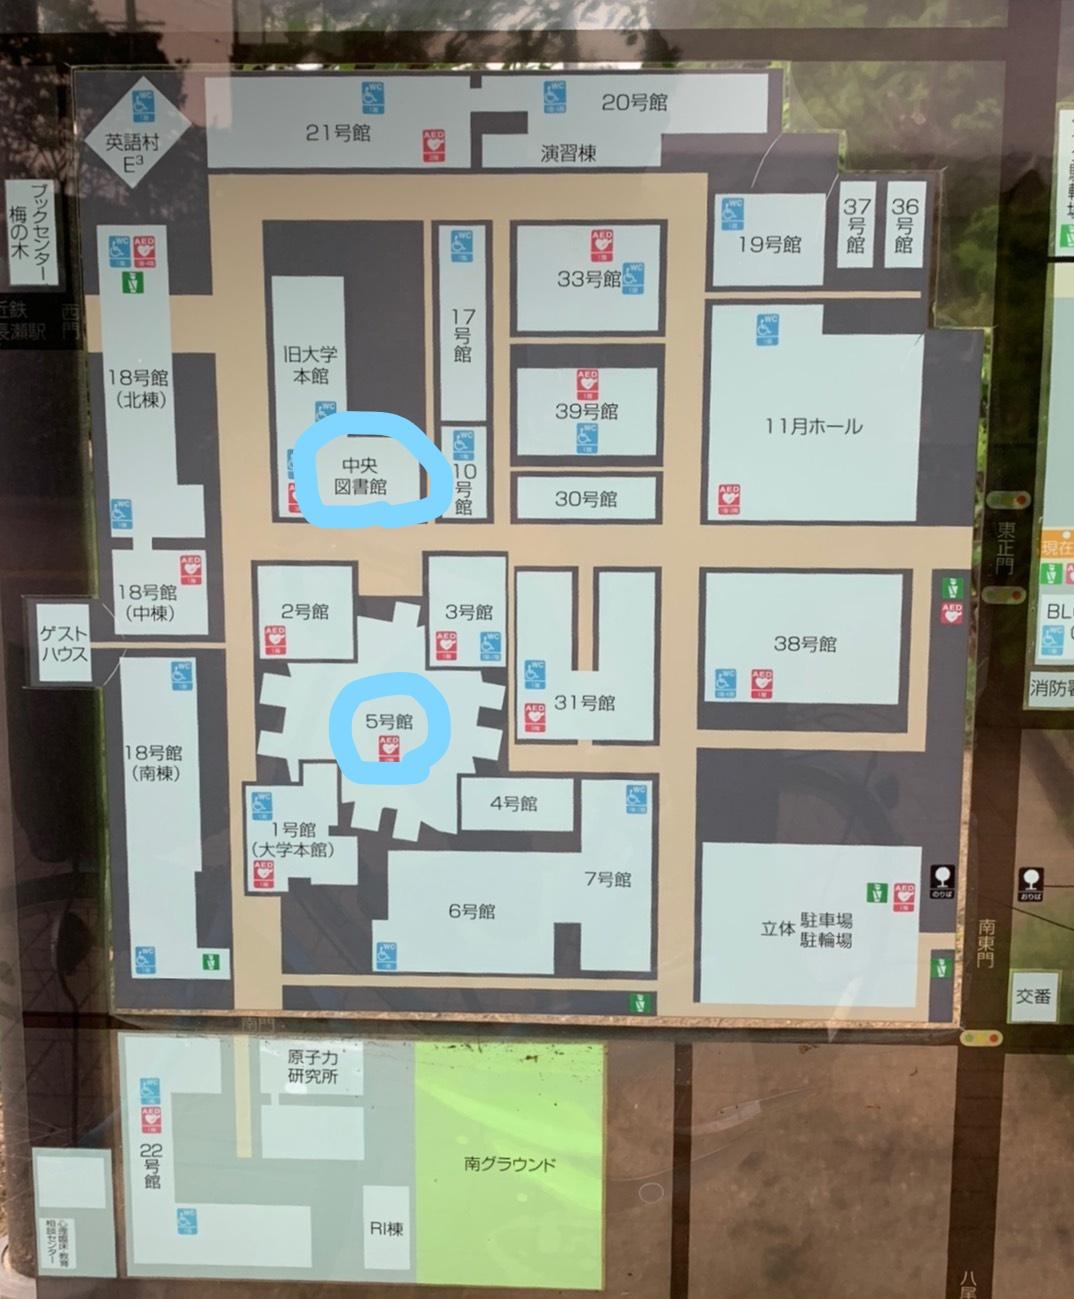 近畿大学内マップ_LI